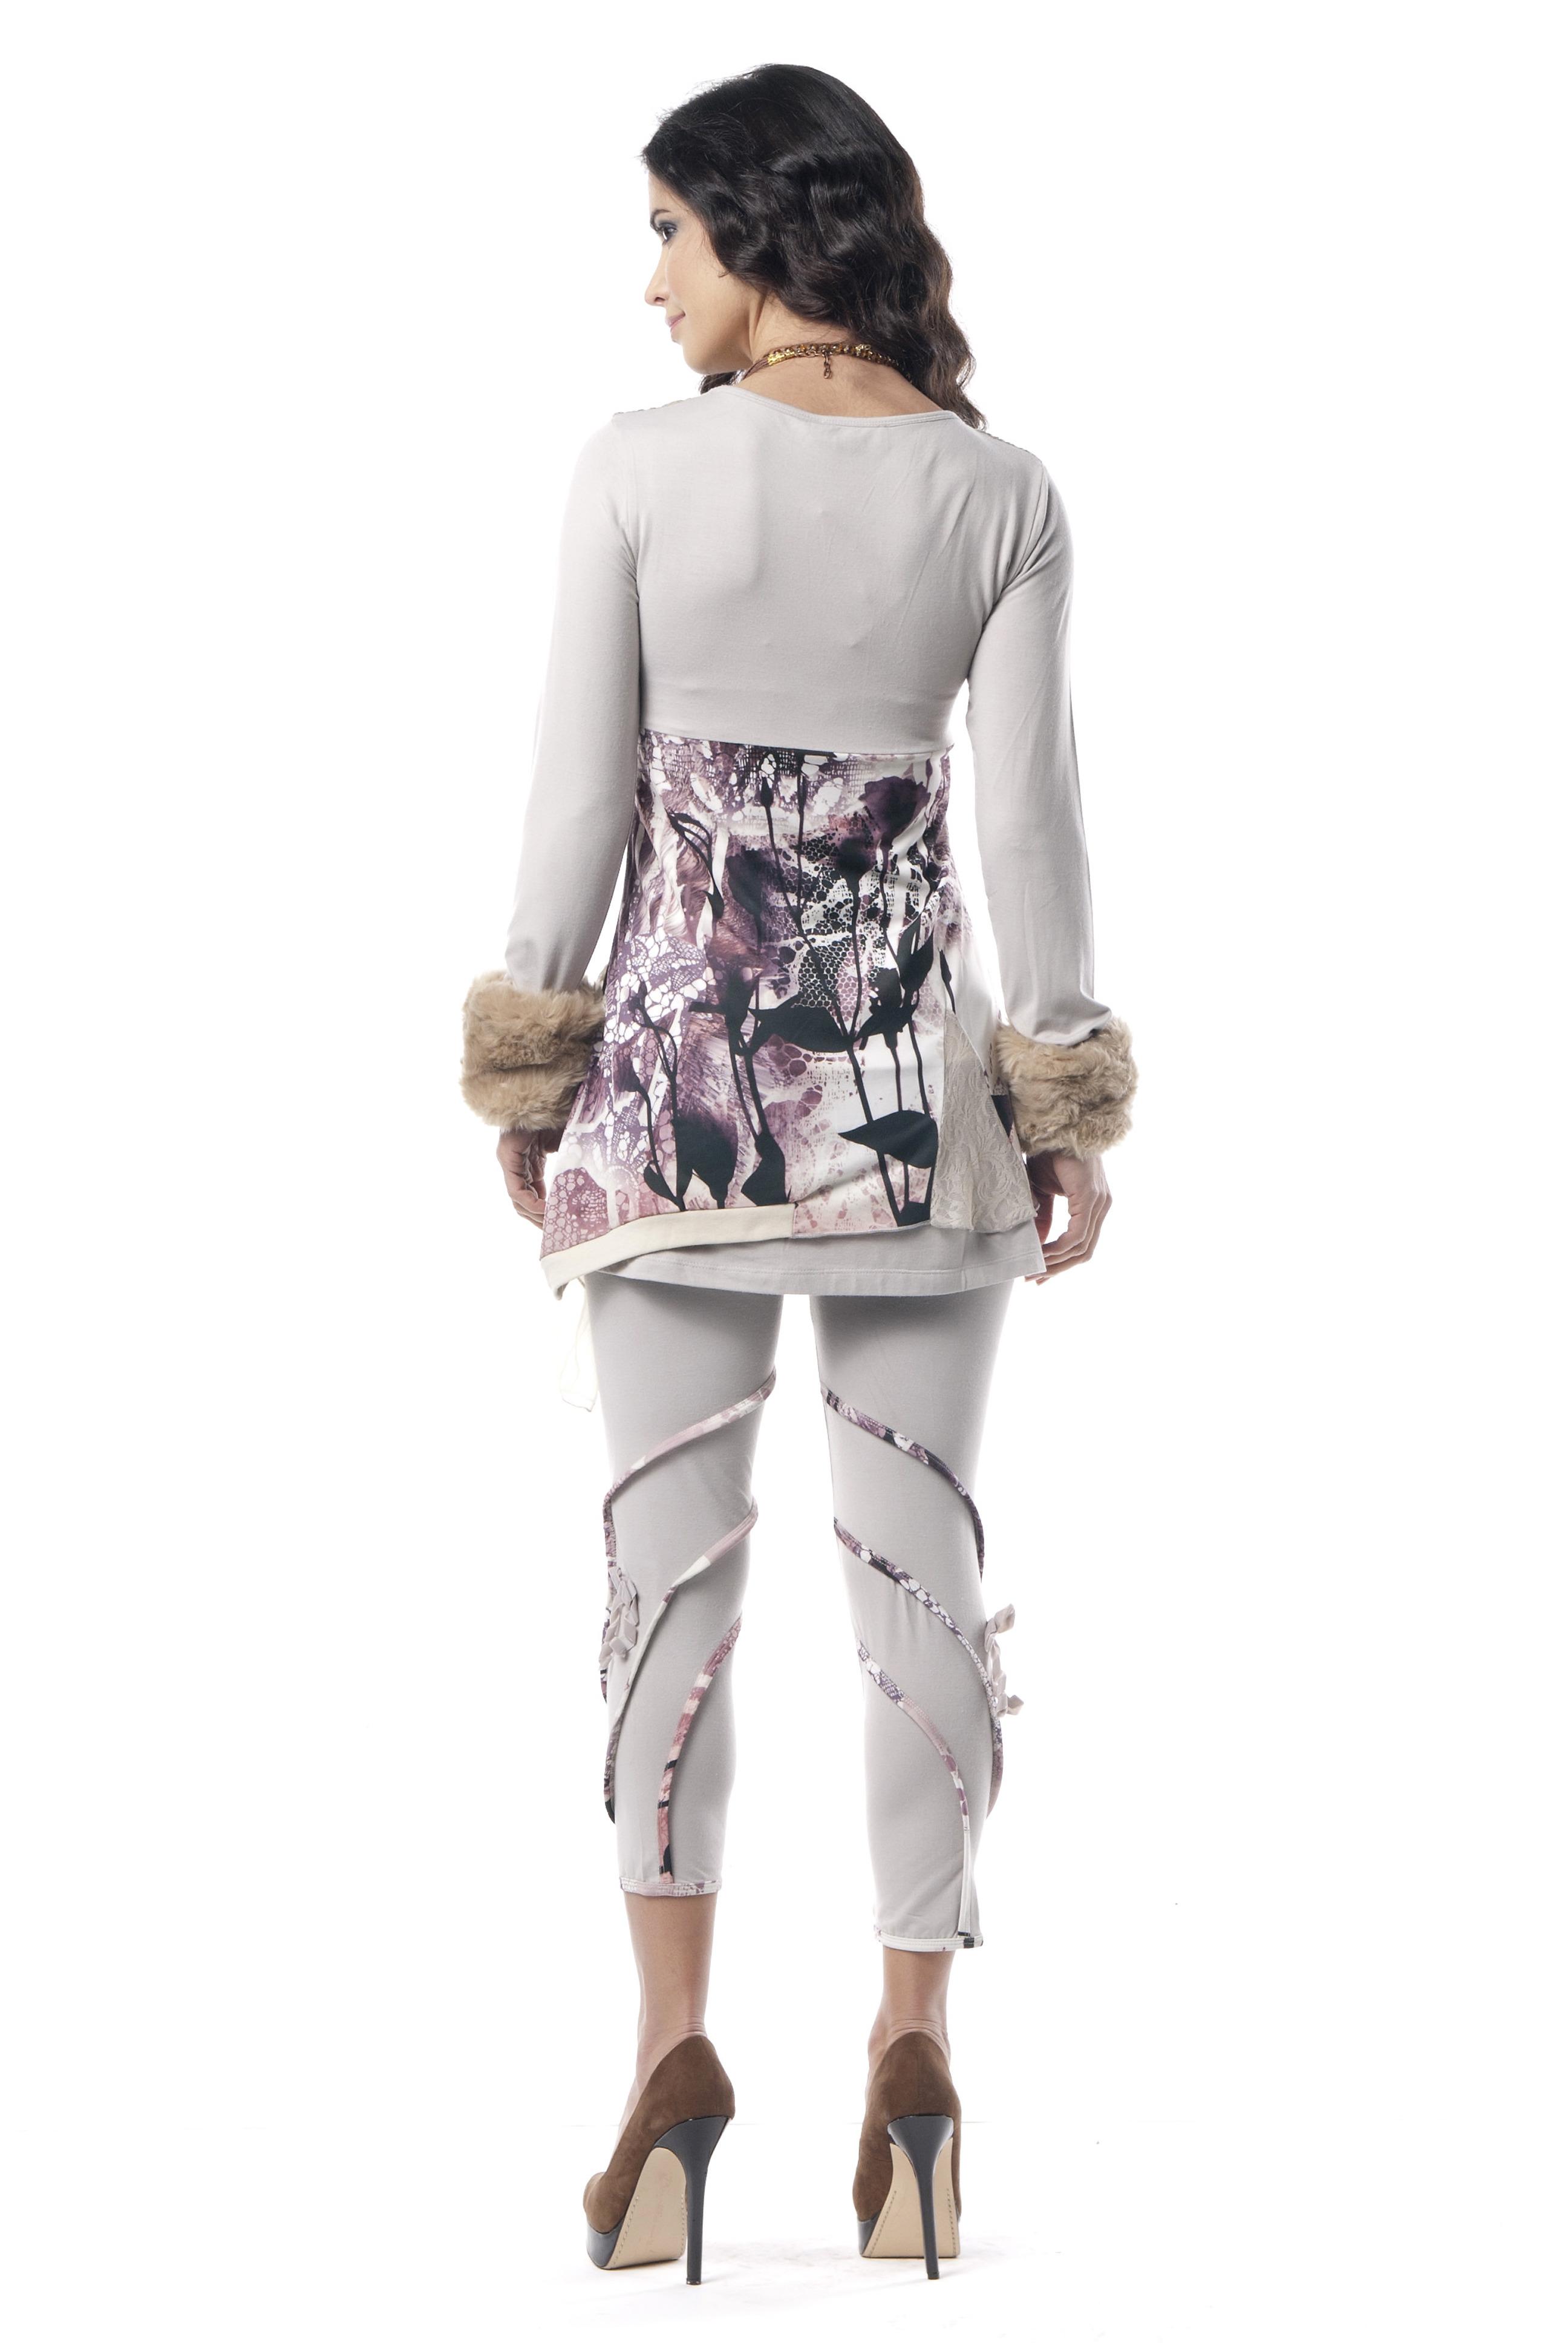 Les Fees Du Vent Couture: Belissola Leggings LFDV_887511_N